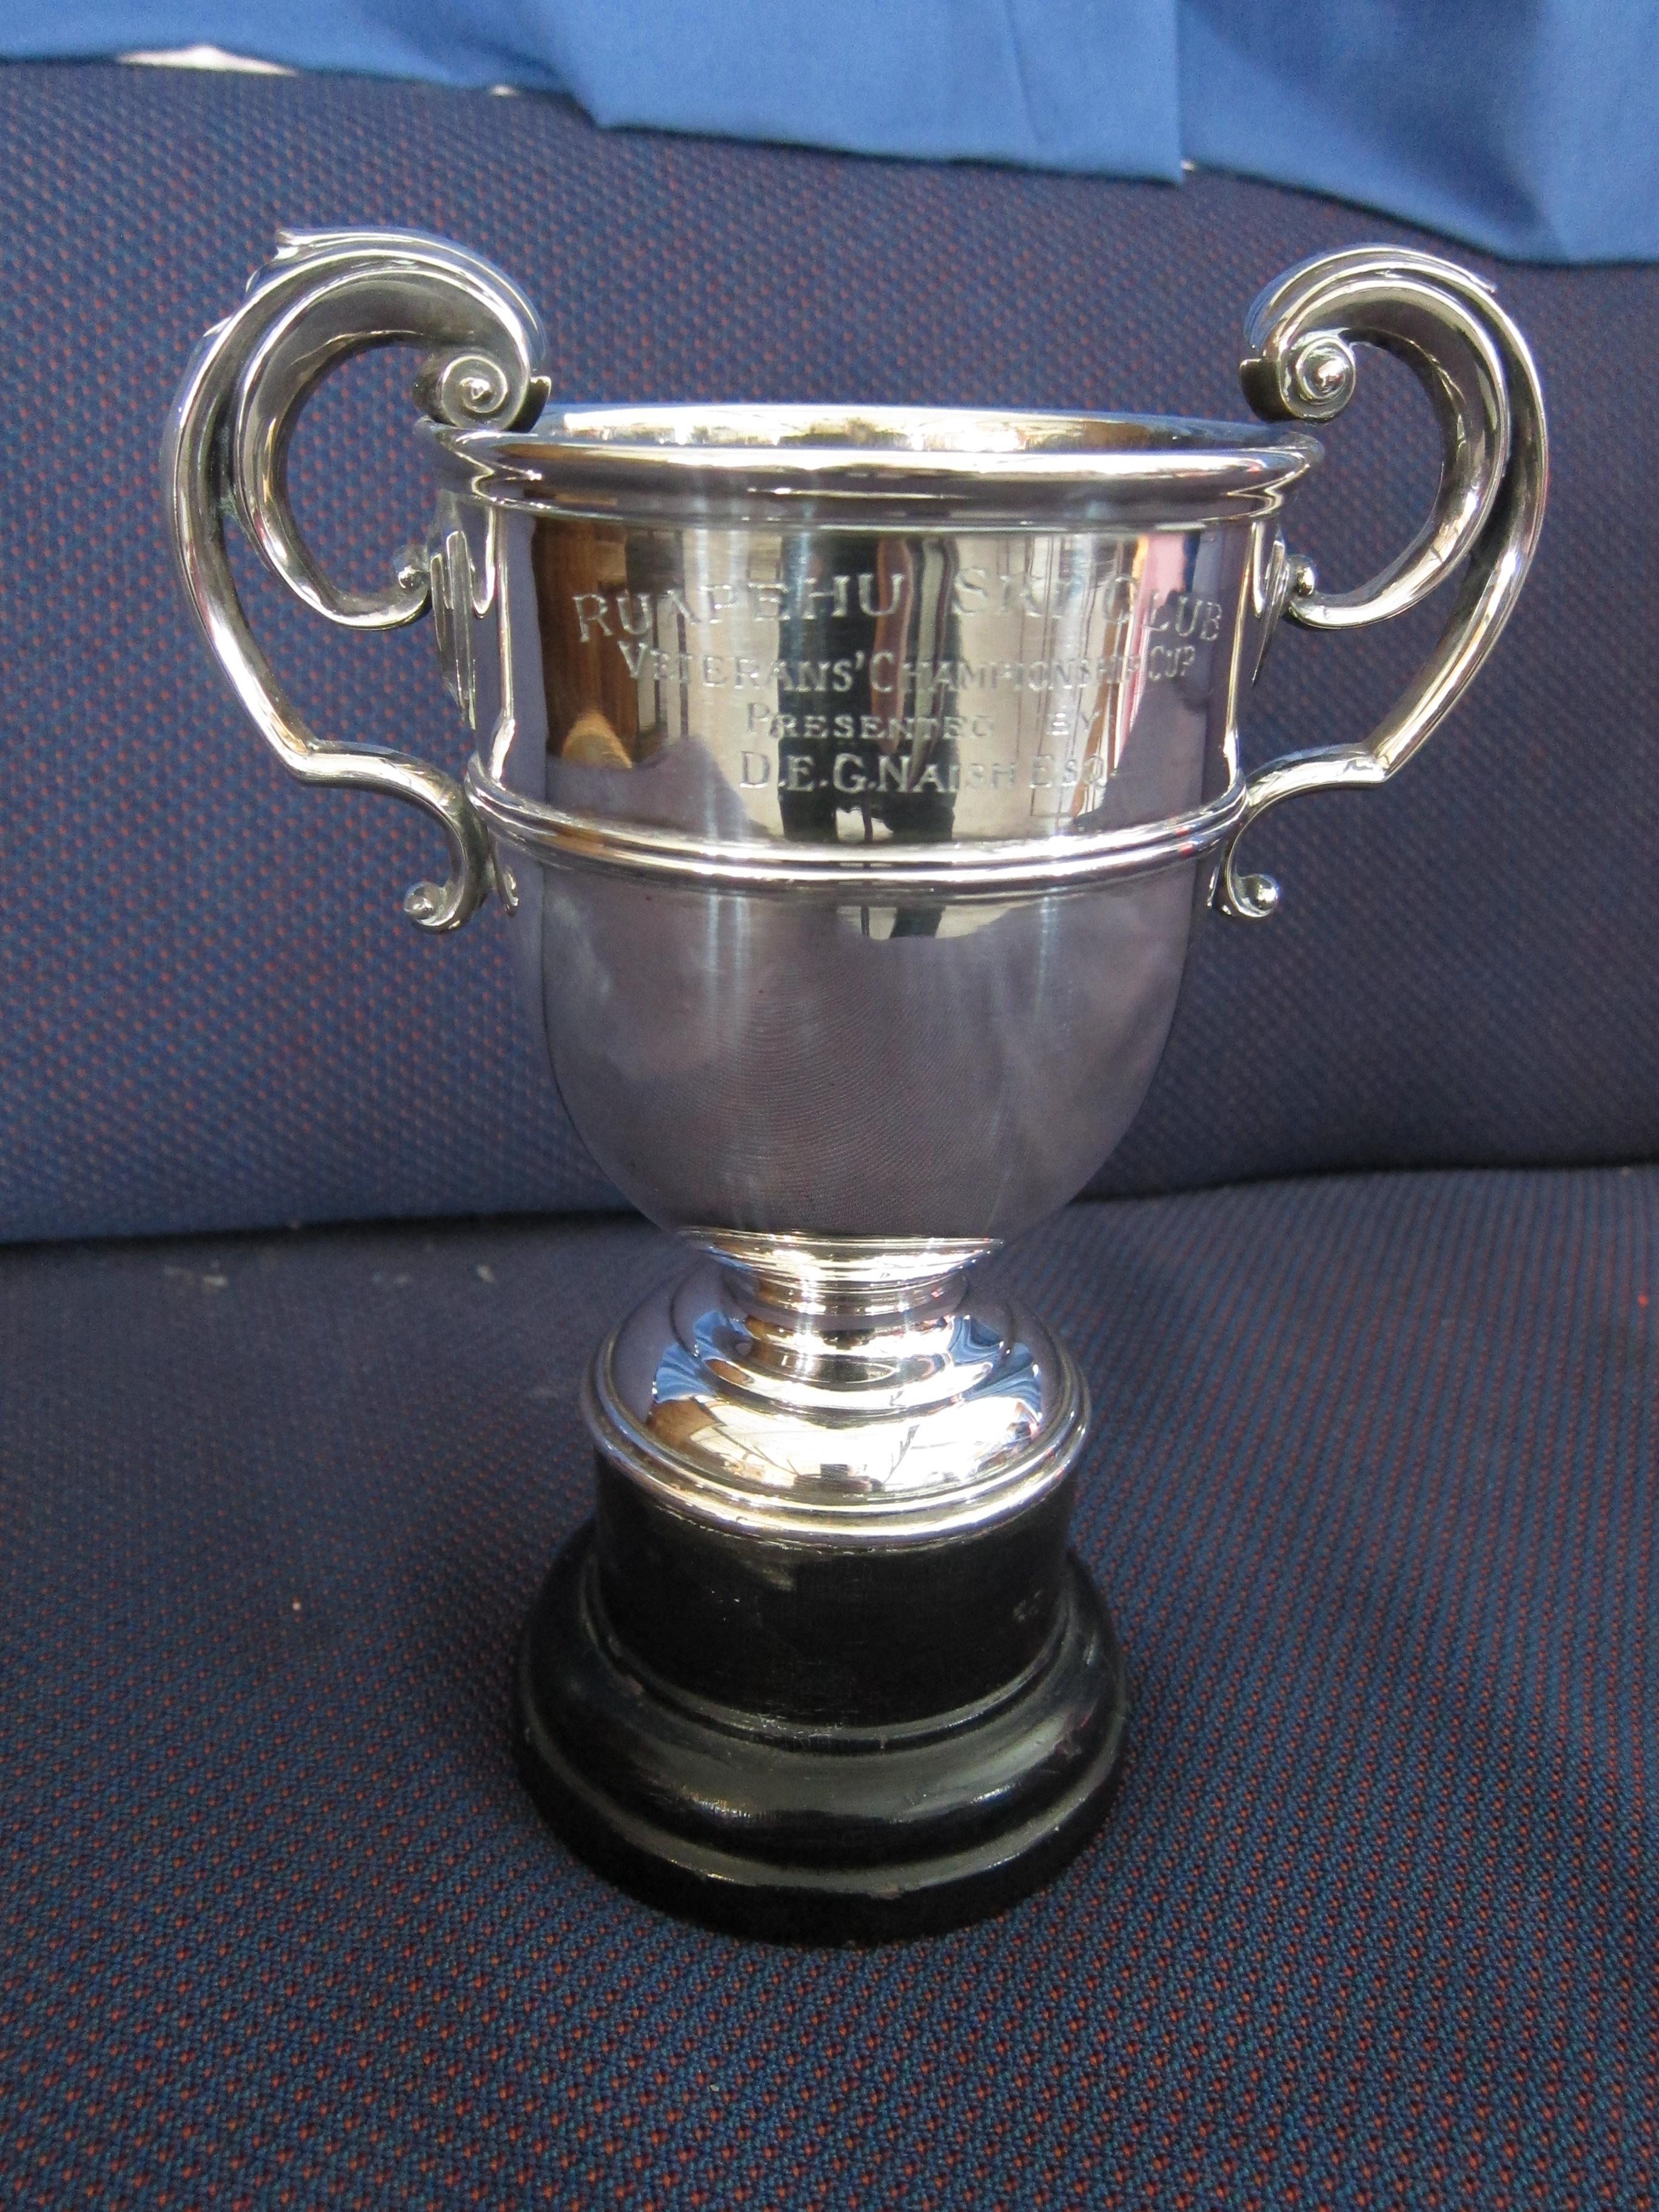 Naish_Trophy.JPG